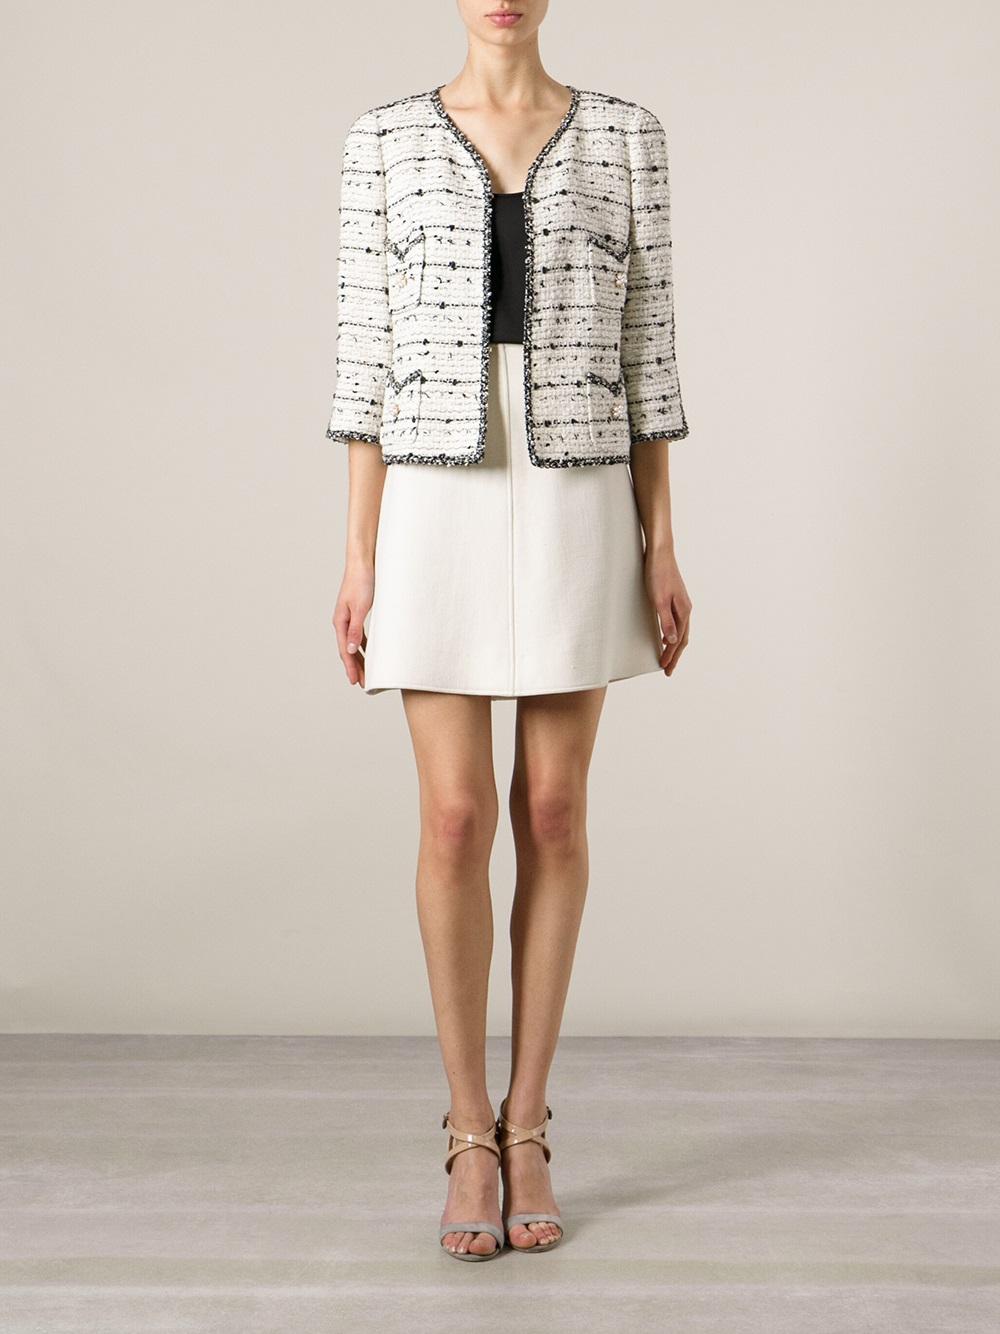 d873d8a5796e3 Lyst - Edward Achour Paris Embellished Bouclé Jacket in White